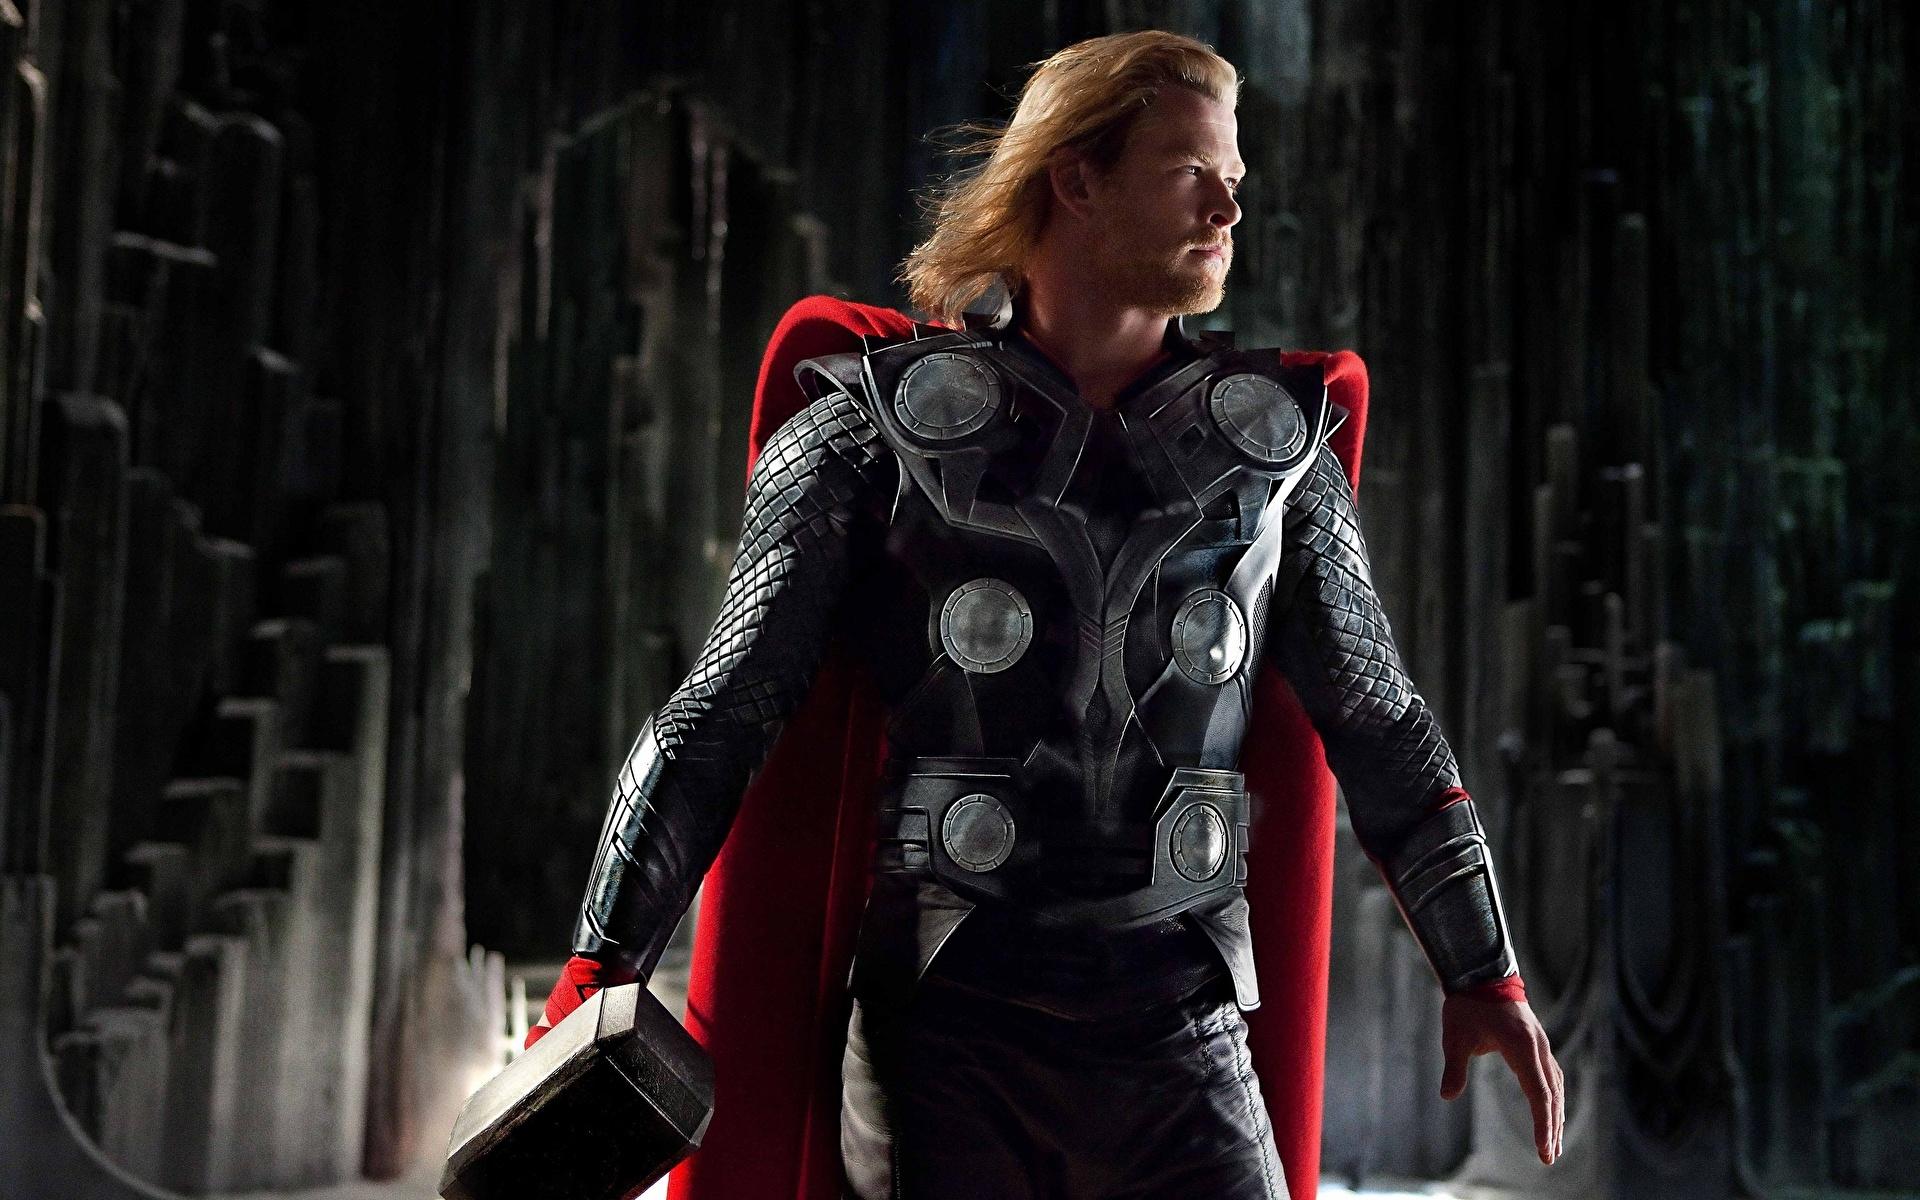 1920x1200 Thor Thor Héroe Chris Hemsworth Película